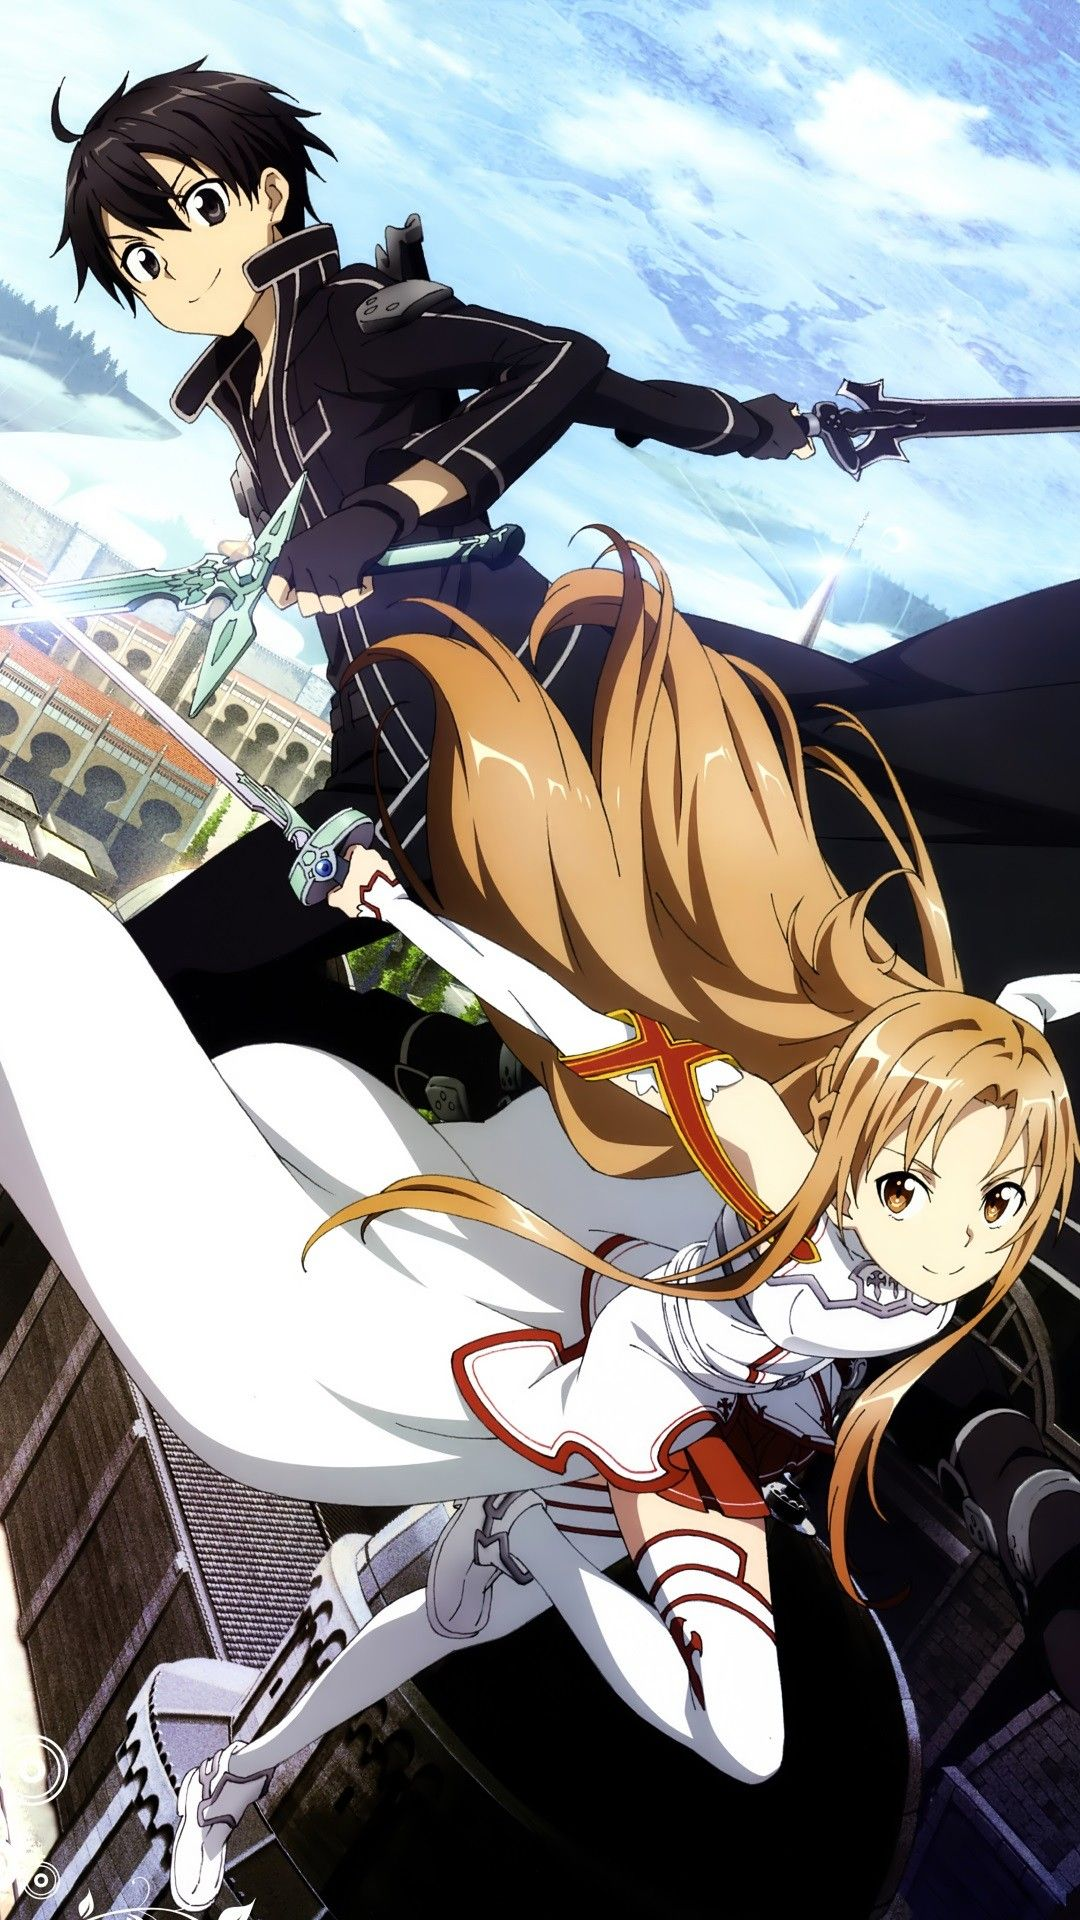 Sword Art Online Wallpaper 1080x1920 Sword Art Online